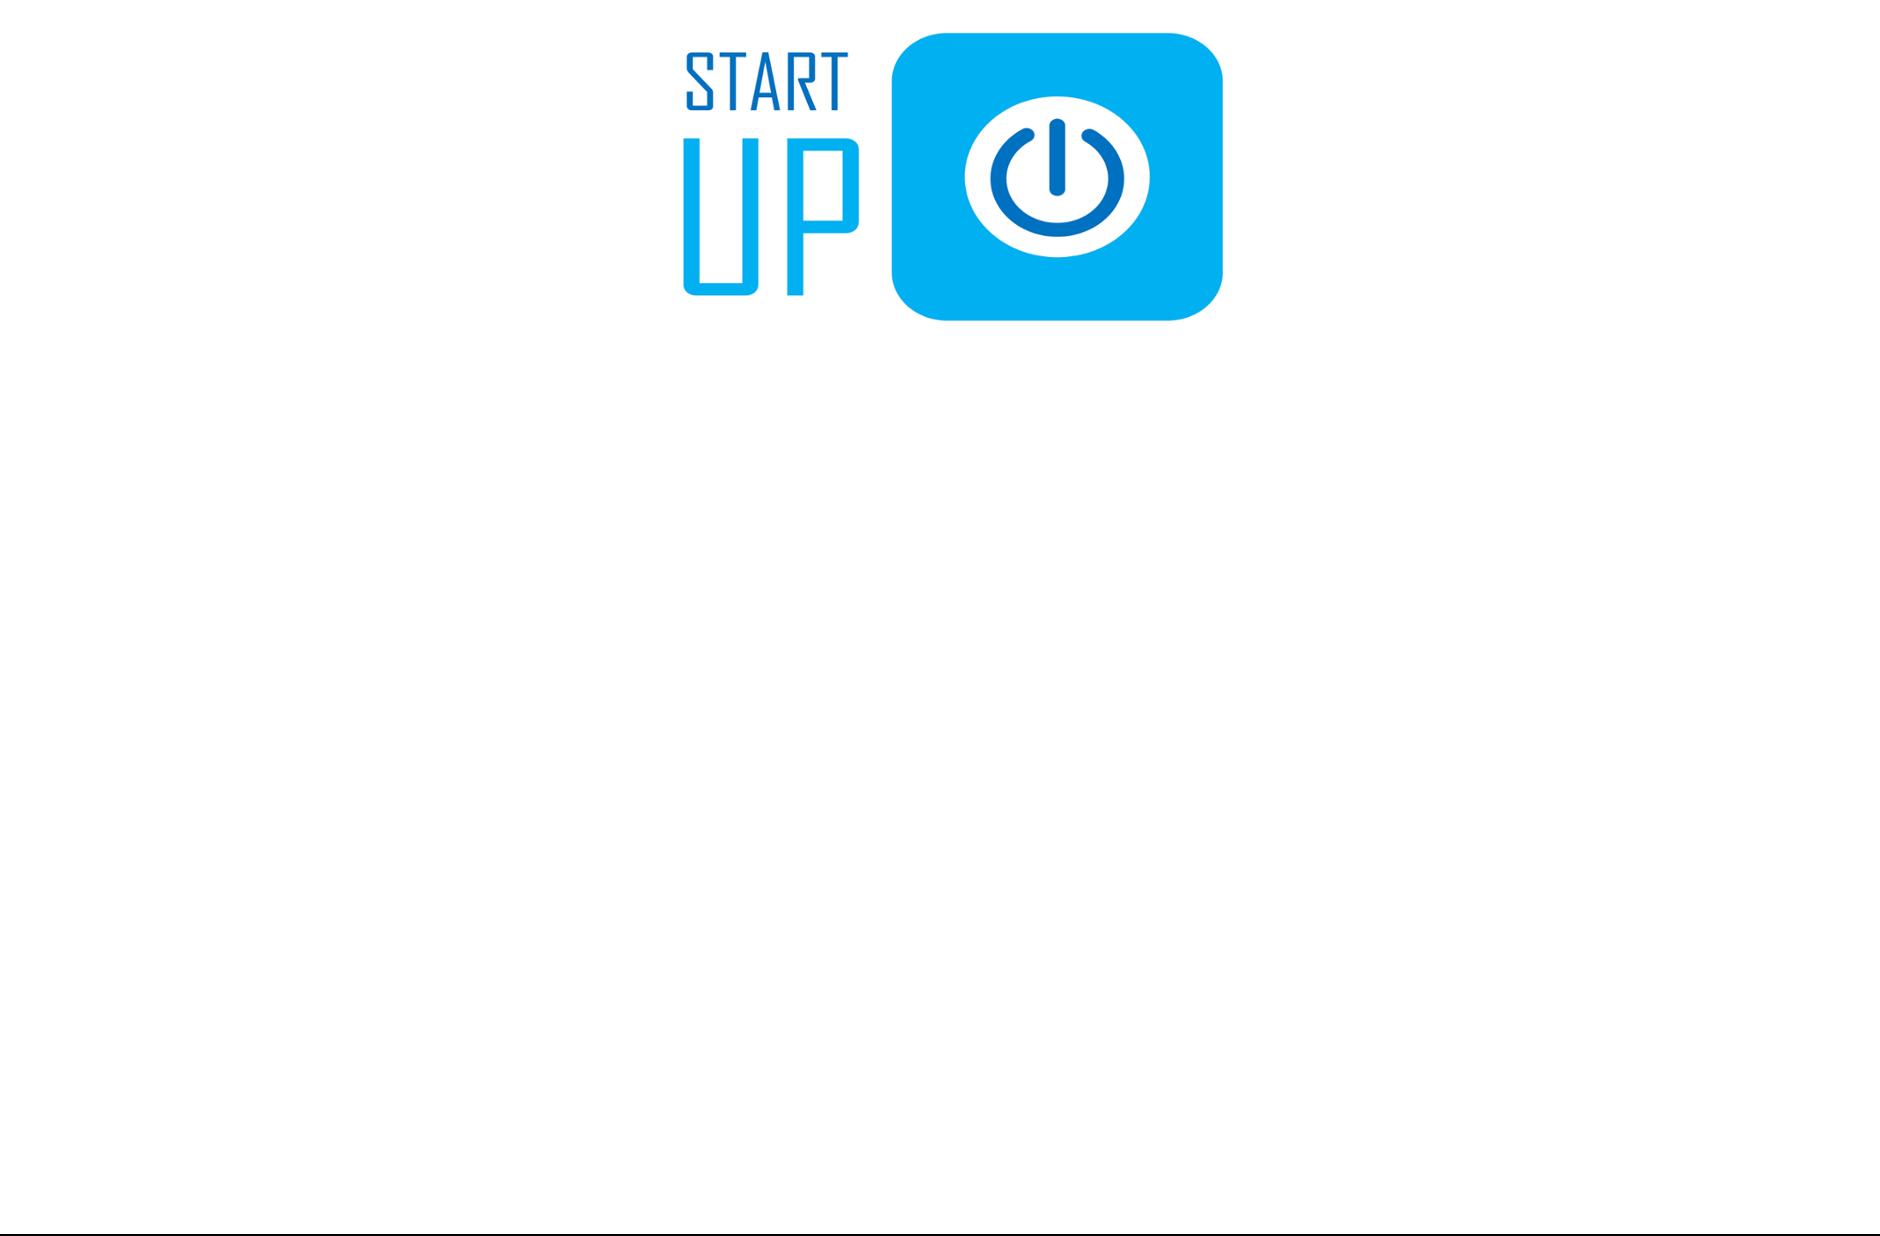 STARTUP: definizione, comunicazione e quadro